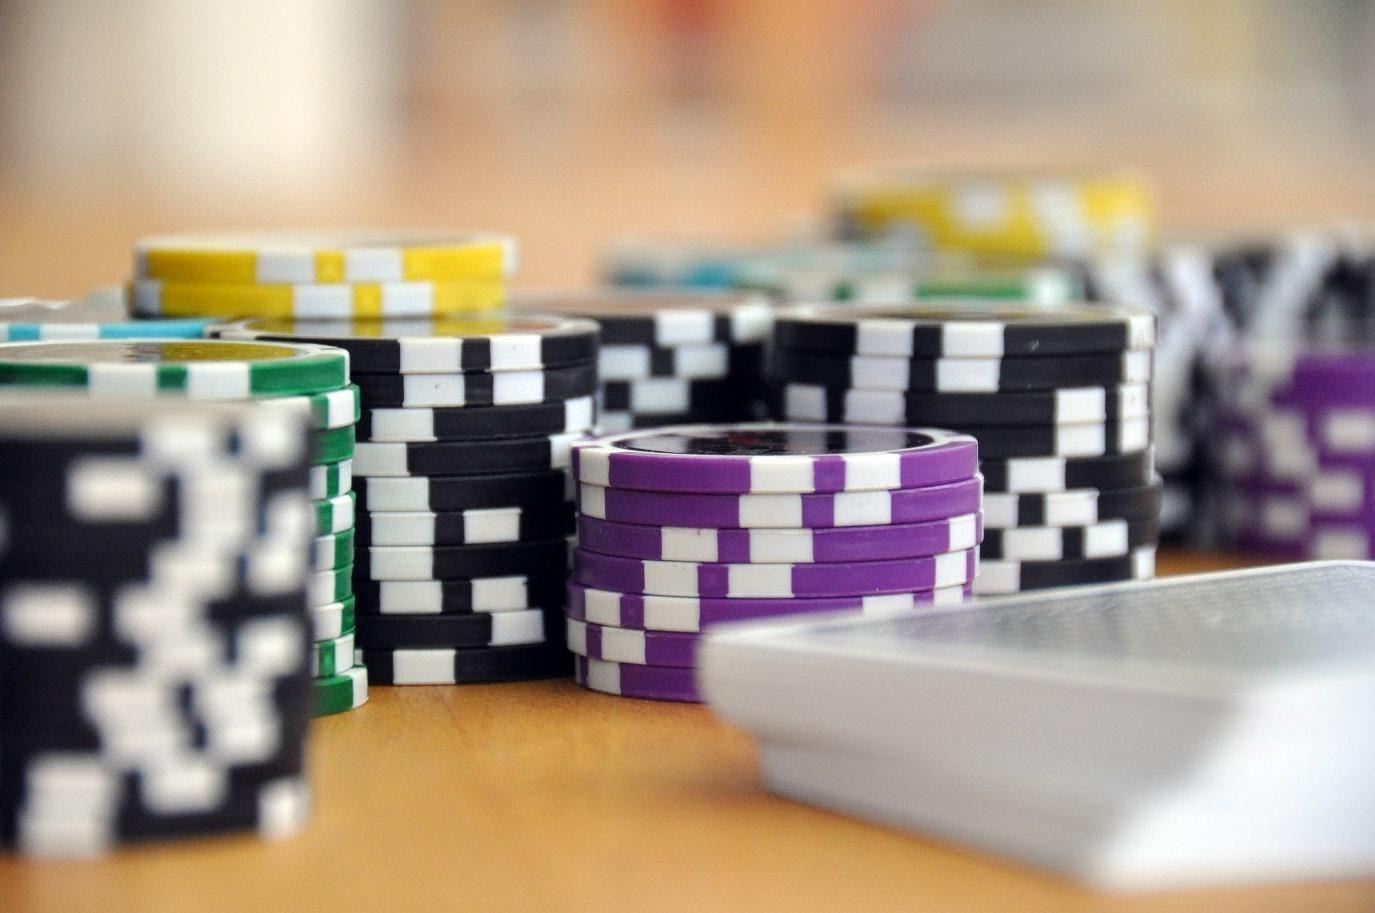 Spielkarten und Pokerchips zu Stapeln gehäuft